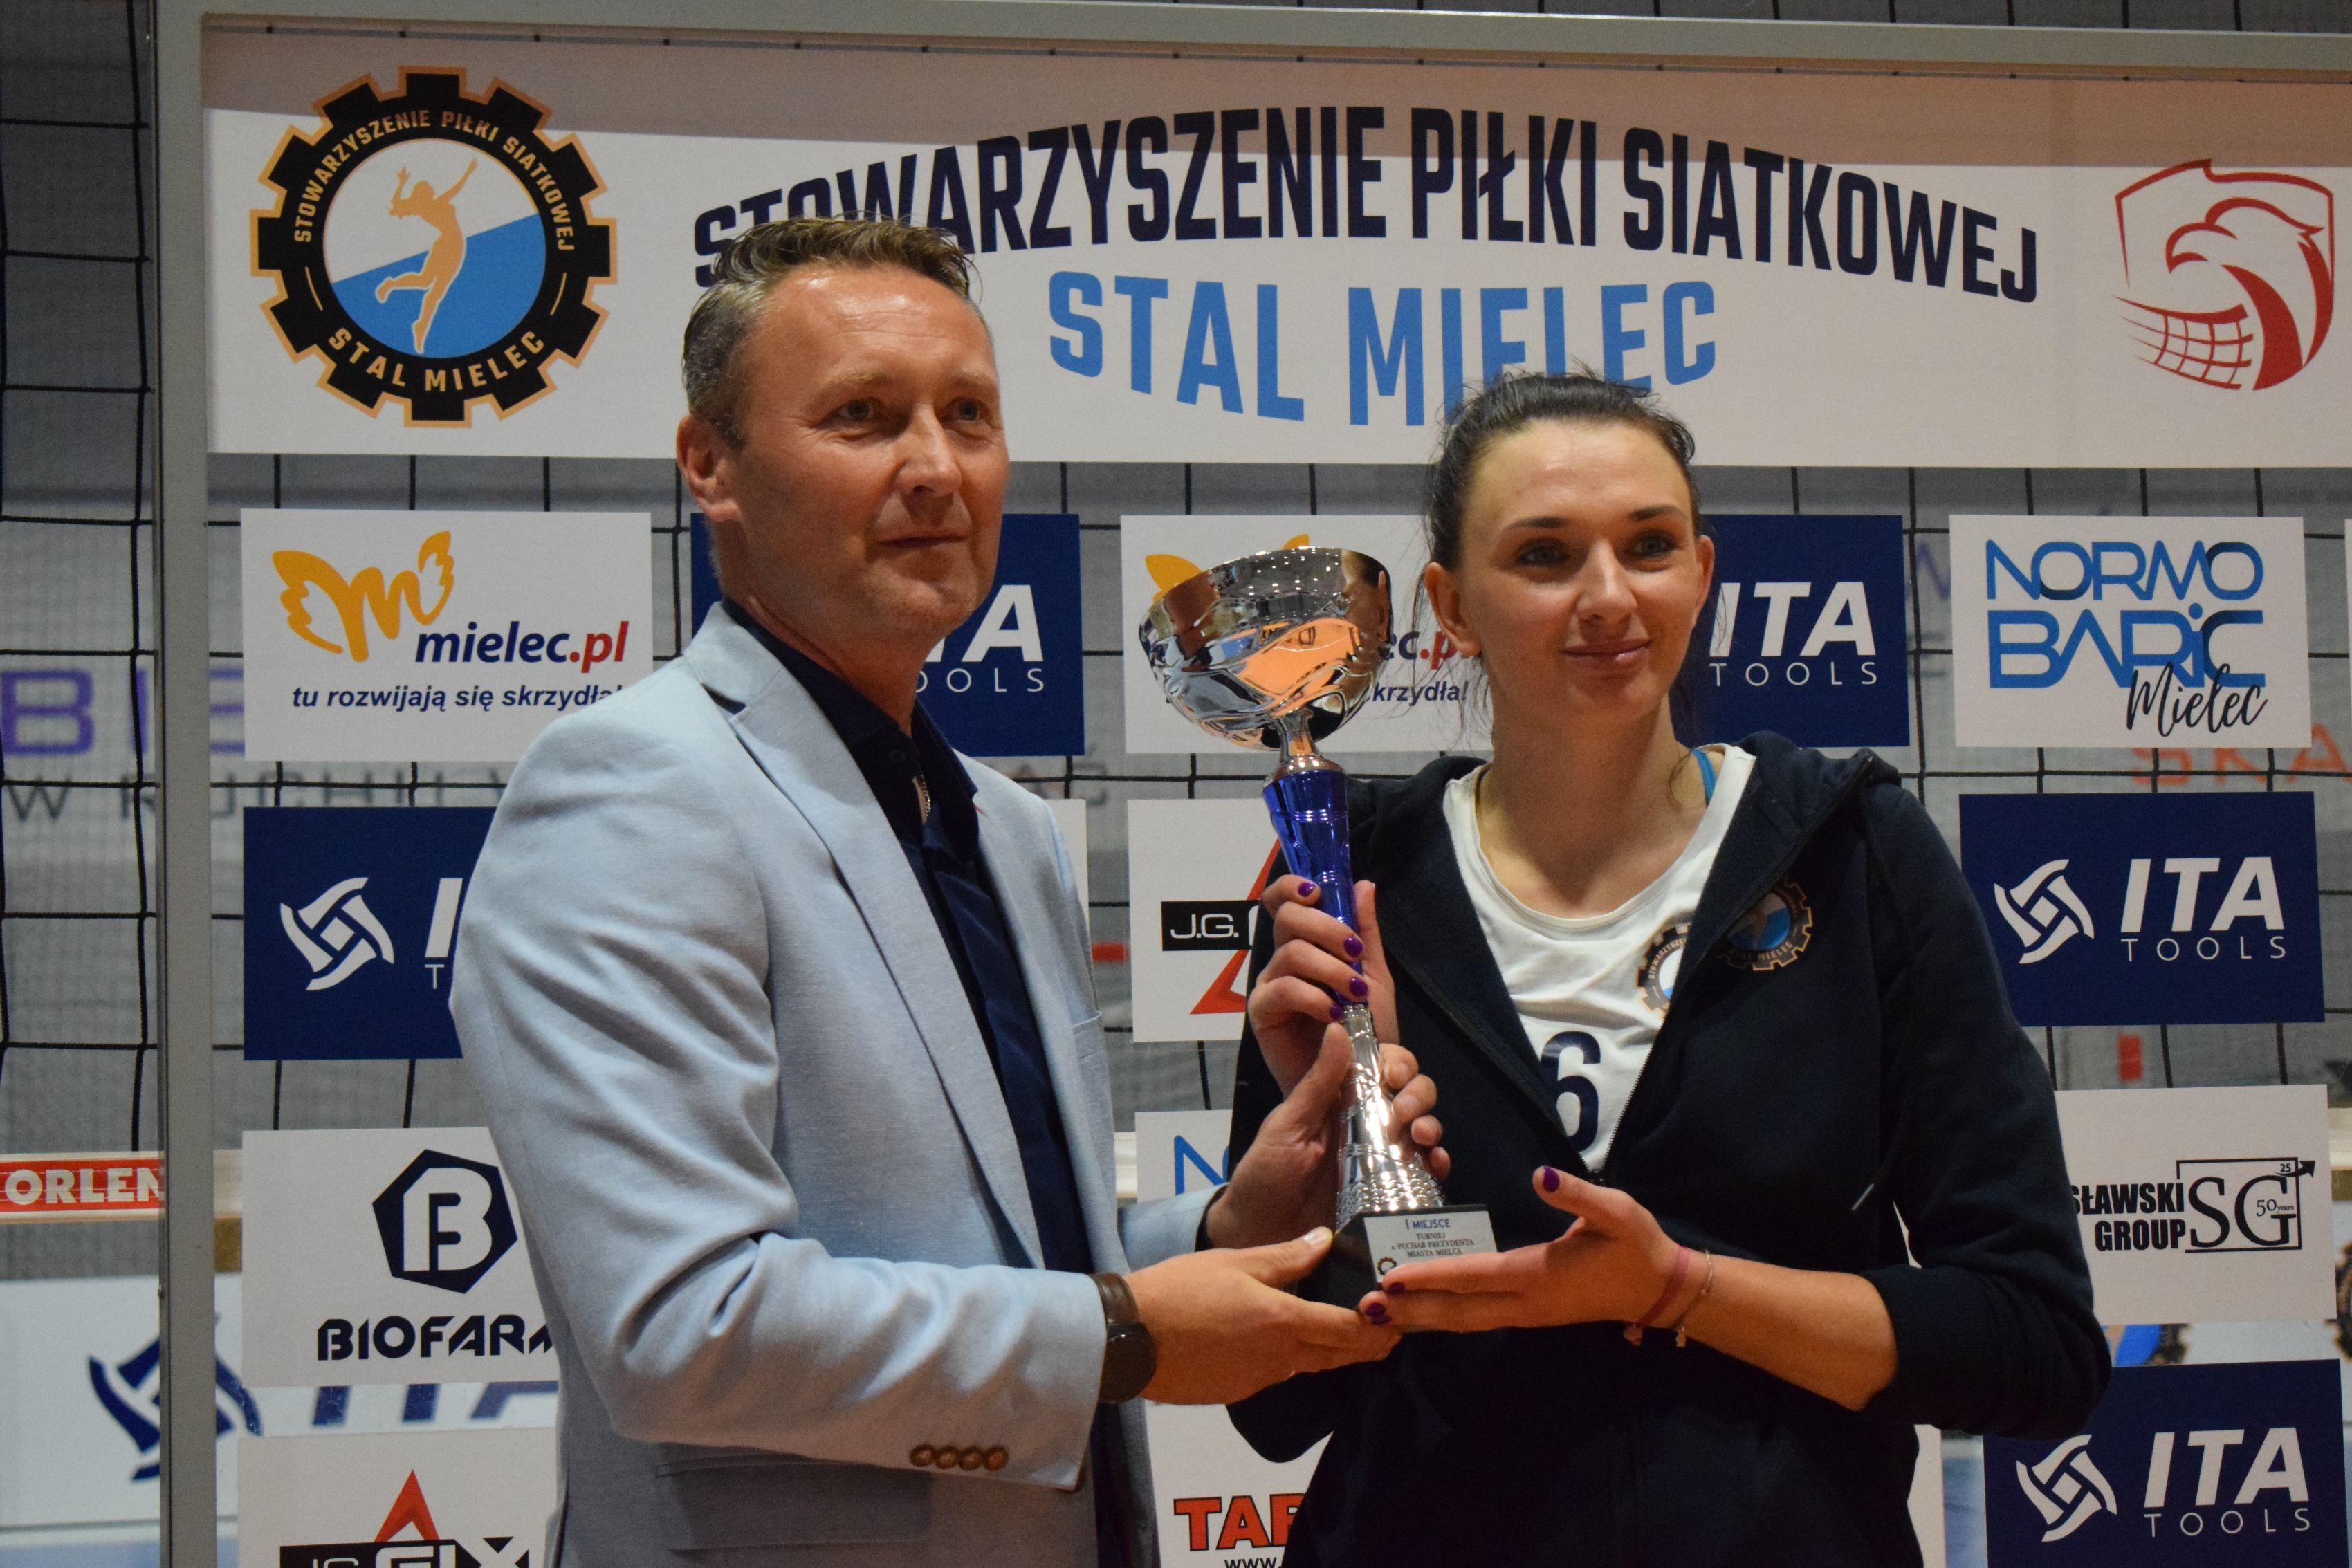 ITA TOOLS Stal Mielec wygrywa Puchar Prezydenta Miasta Mielca [GALERIA] - Zdjęcie główne